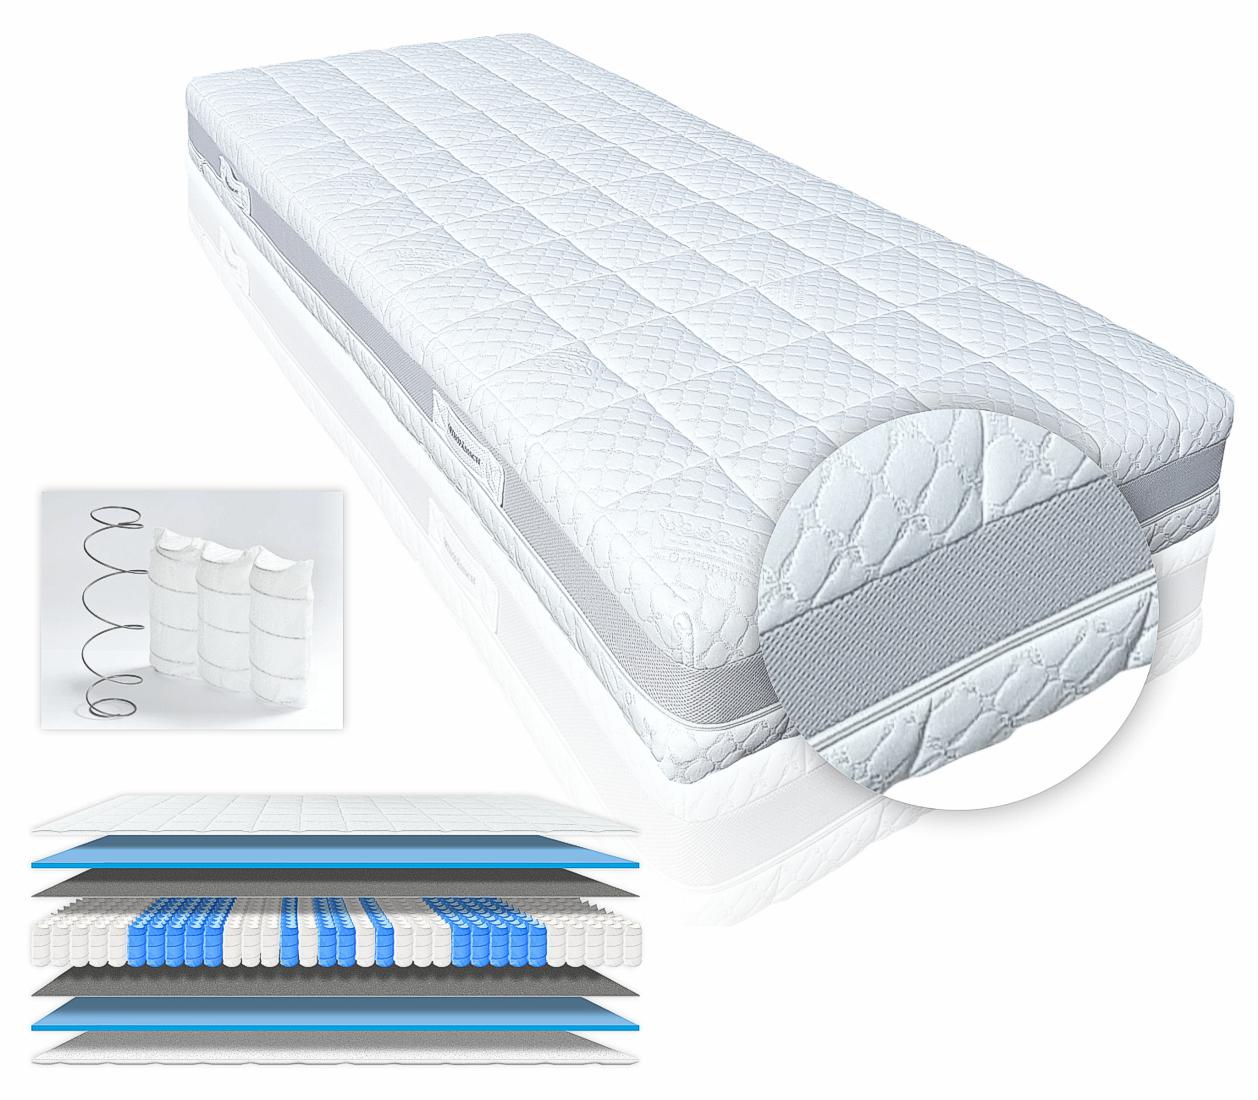 orthop dische taschenfederkernmatratze hamburg deluxe h4 90x200cm ebay. Black Bedroom Furniture Sets. Home Design Ideas